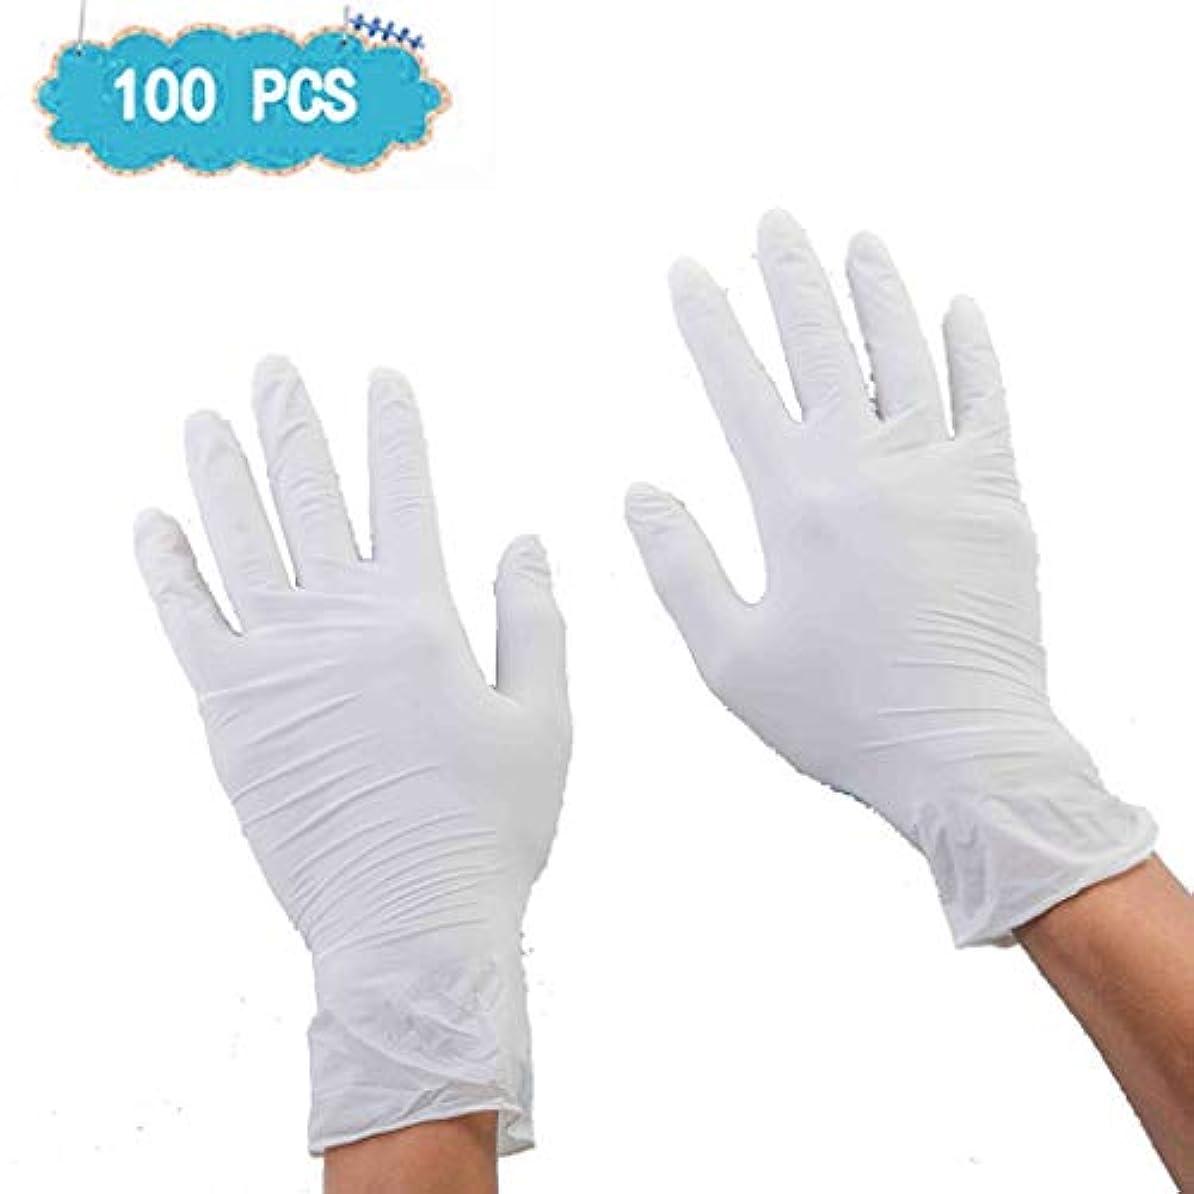 立派なアフリカ待つニトリル手袋、12インチ厚ゴム手袋白い手袋食品加工医療ペットケアネイルアート検査保護実験、美容サロンラテックスフリー、、 100個 (Size : L)